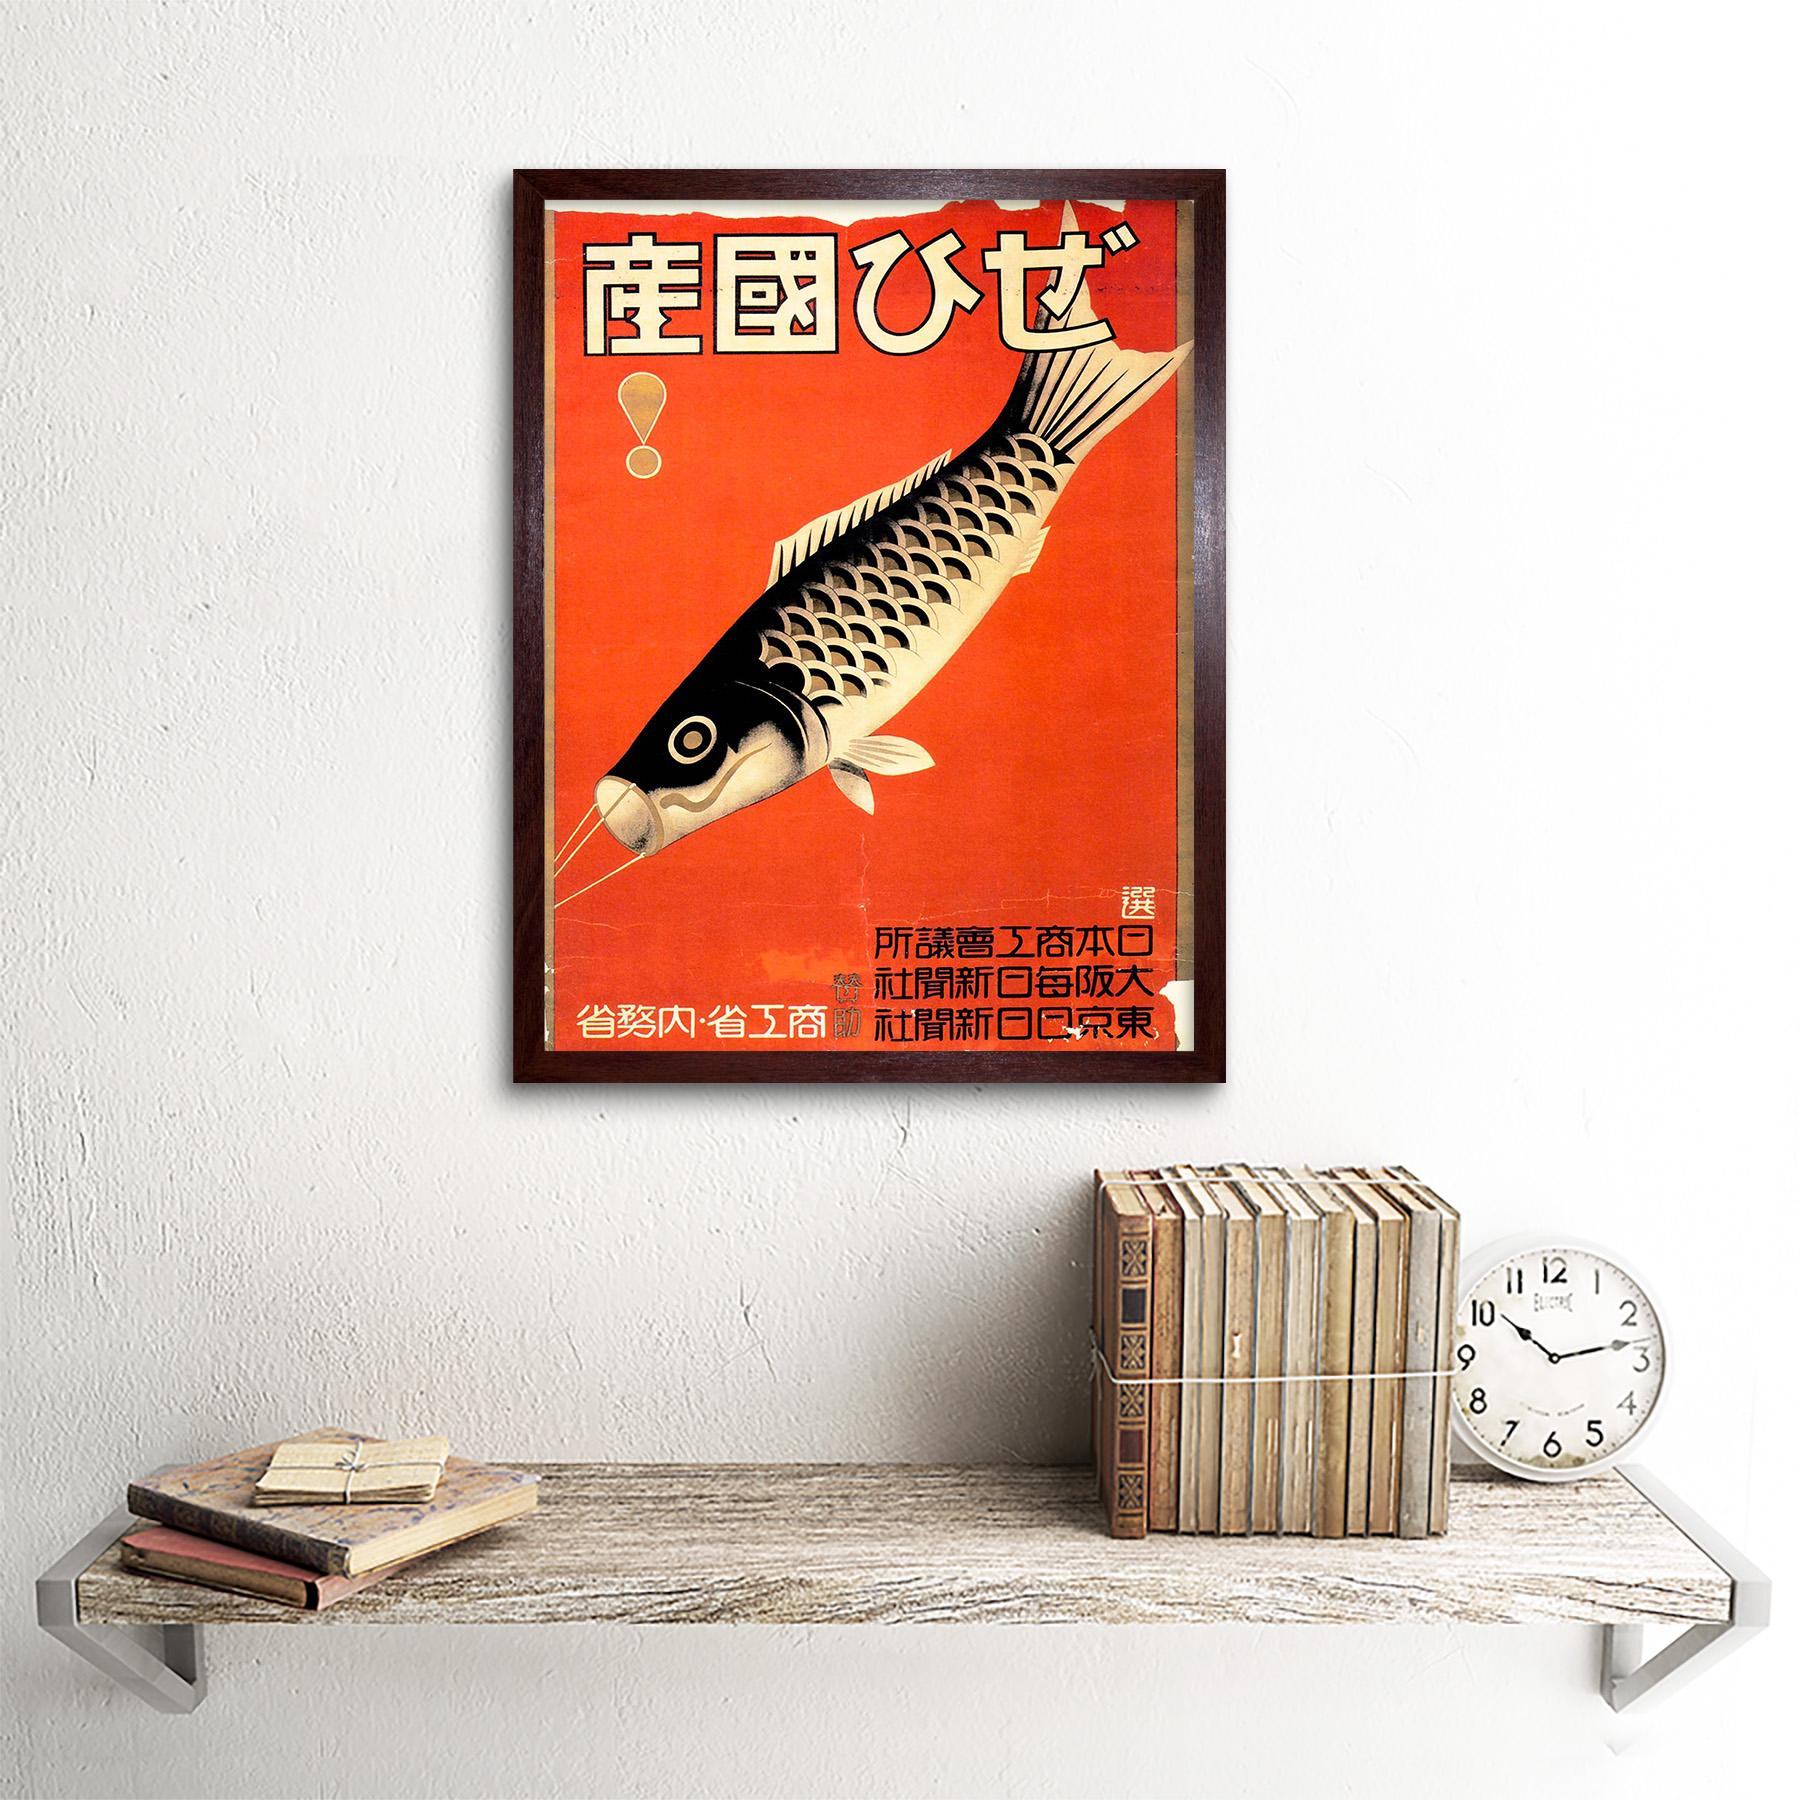 Equipo de hobby de publicidad Cometa pez volador Retro Vintage Japón enmarcado impresión